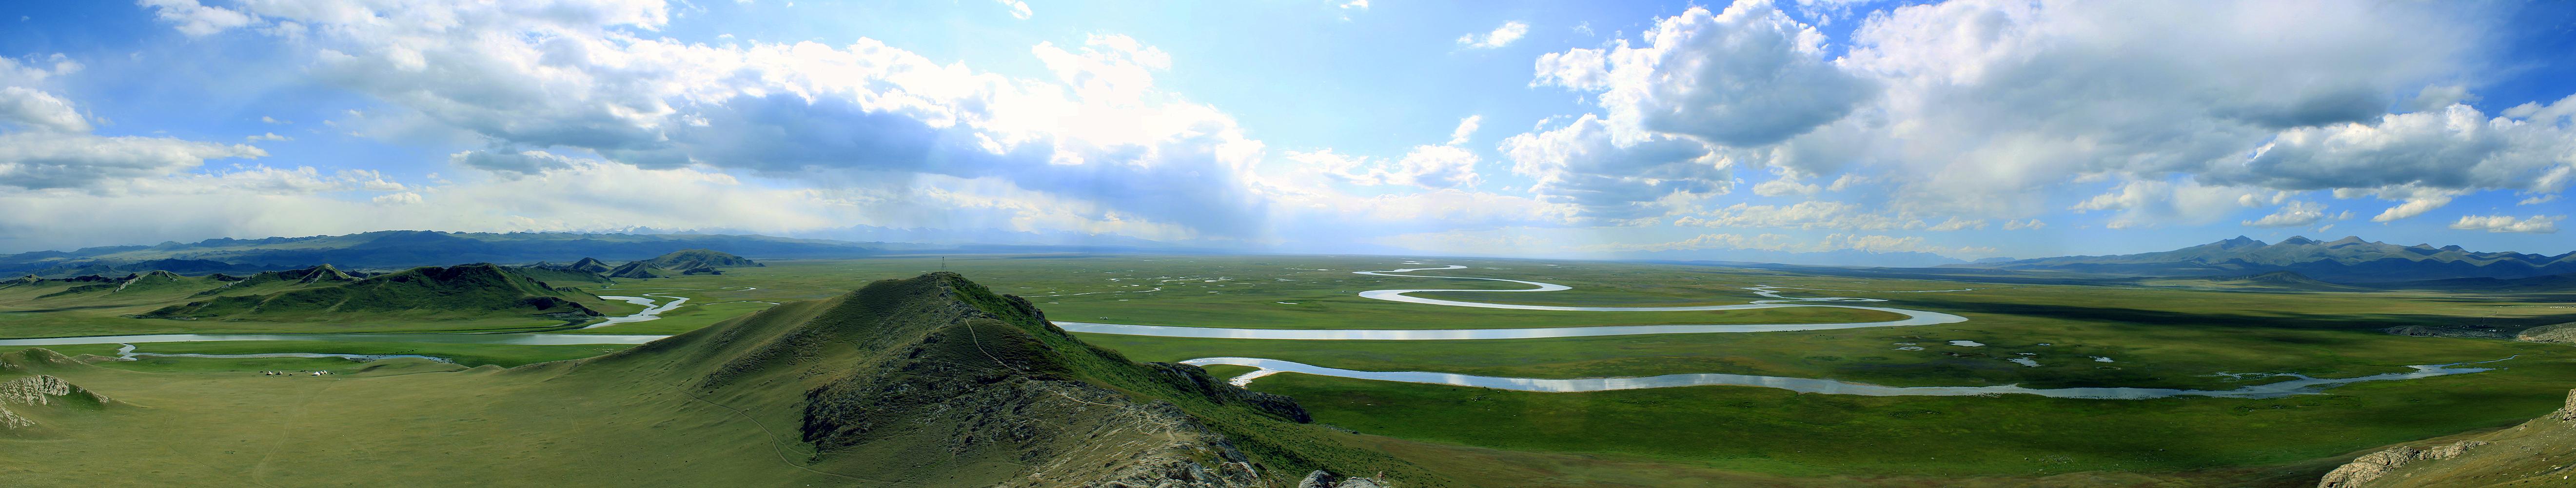 바인궈렁 몽골 자치주